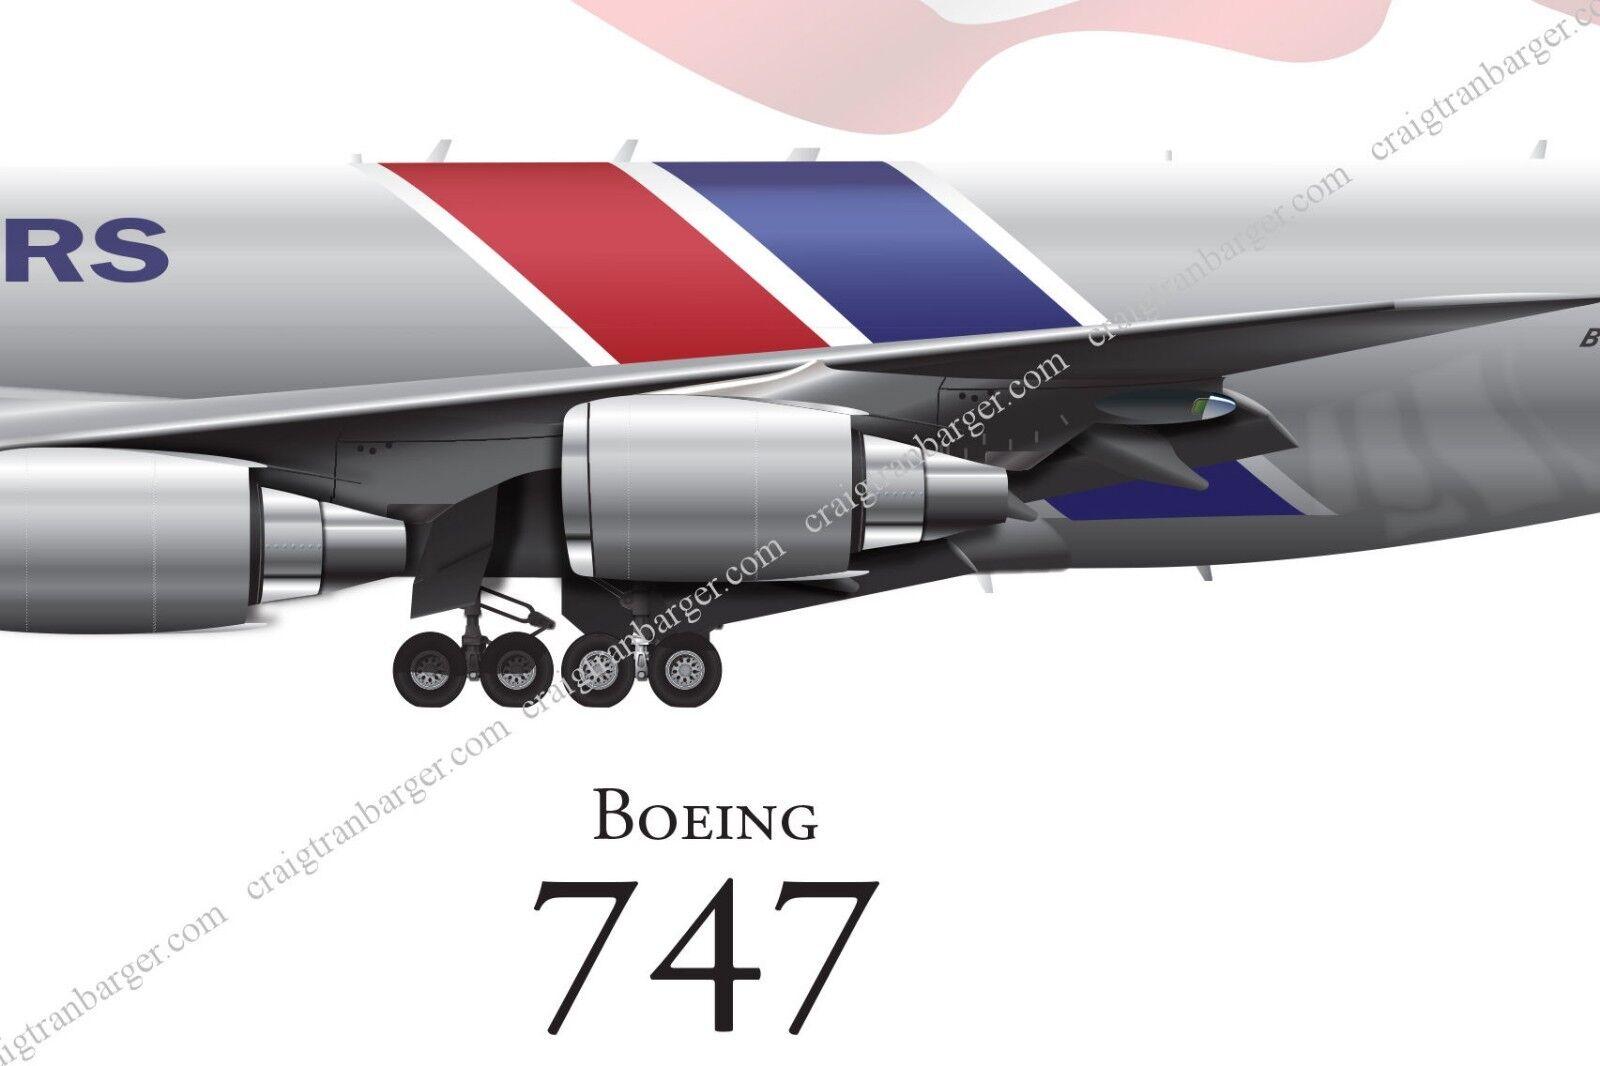 Boeing 747-SP aircraft round sticker